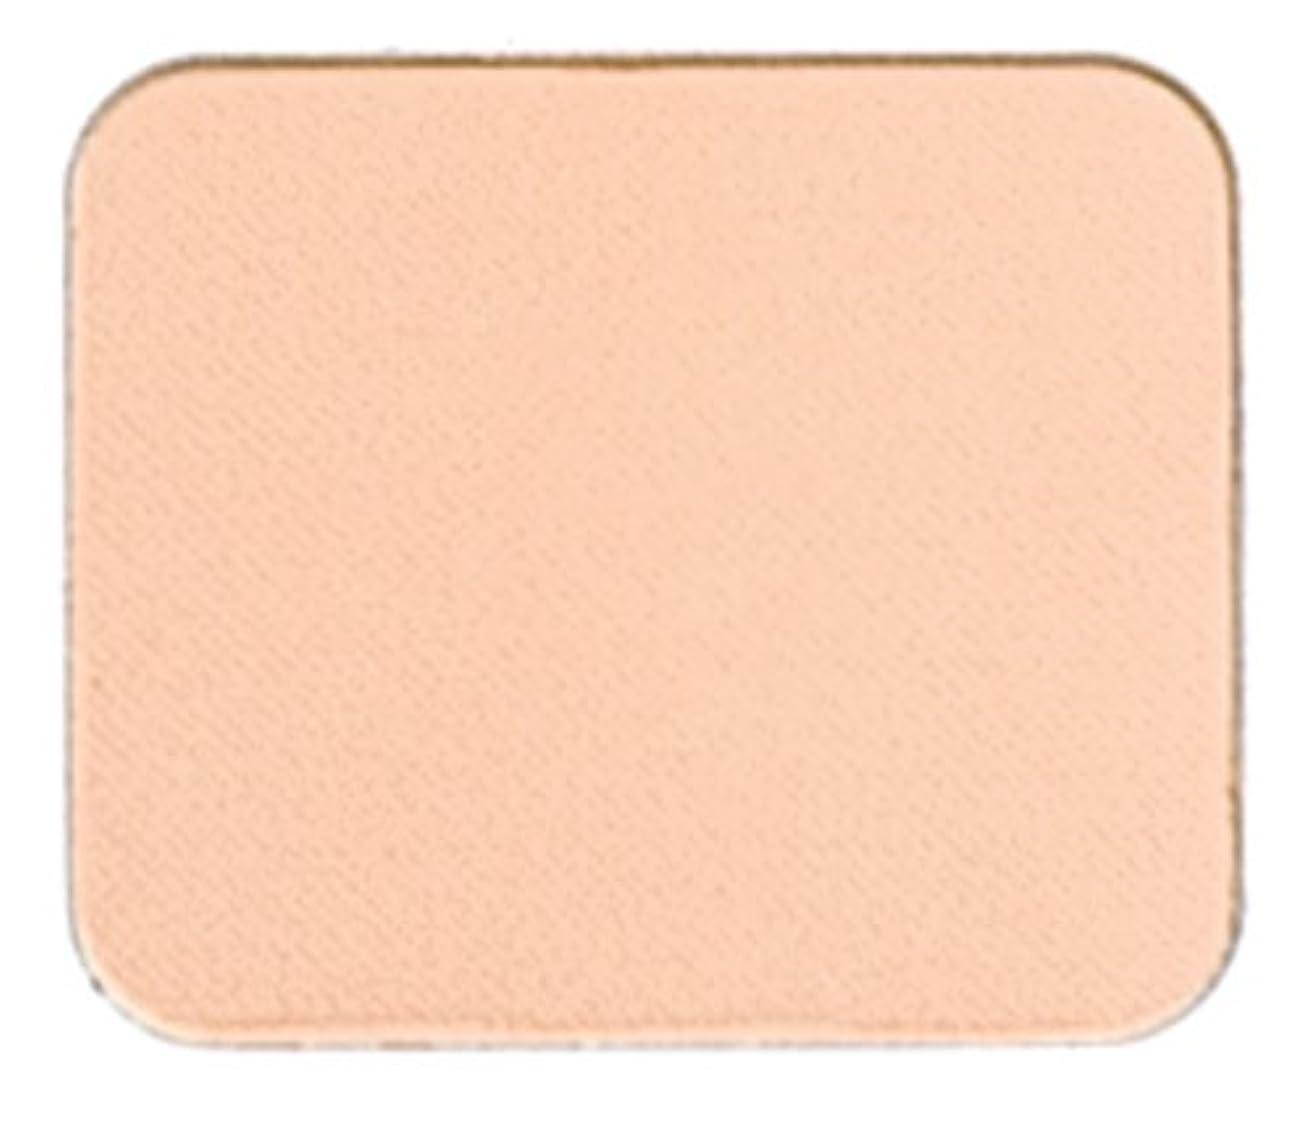 ジレンマ晩餐誰がドクターシーラボ BBパーフェクトファンデーション WHITE377プラス ナチュラル1(明るい肌色) 12g SPF25 PA++